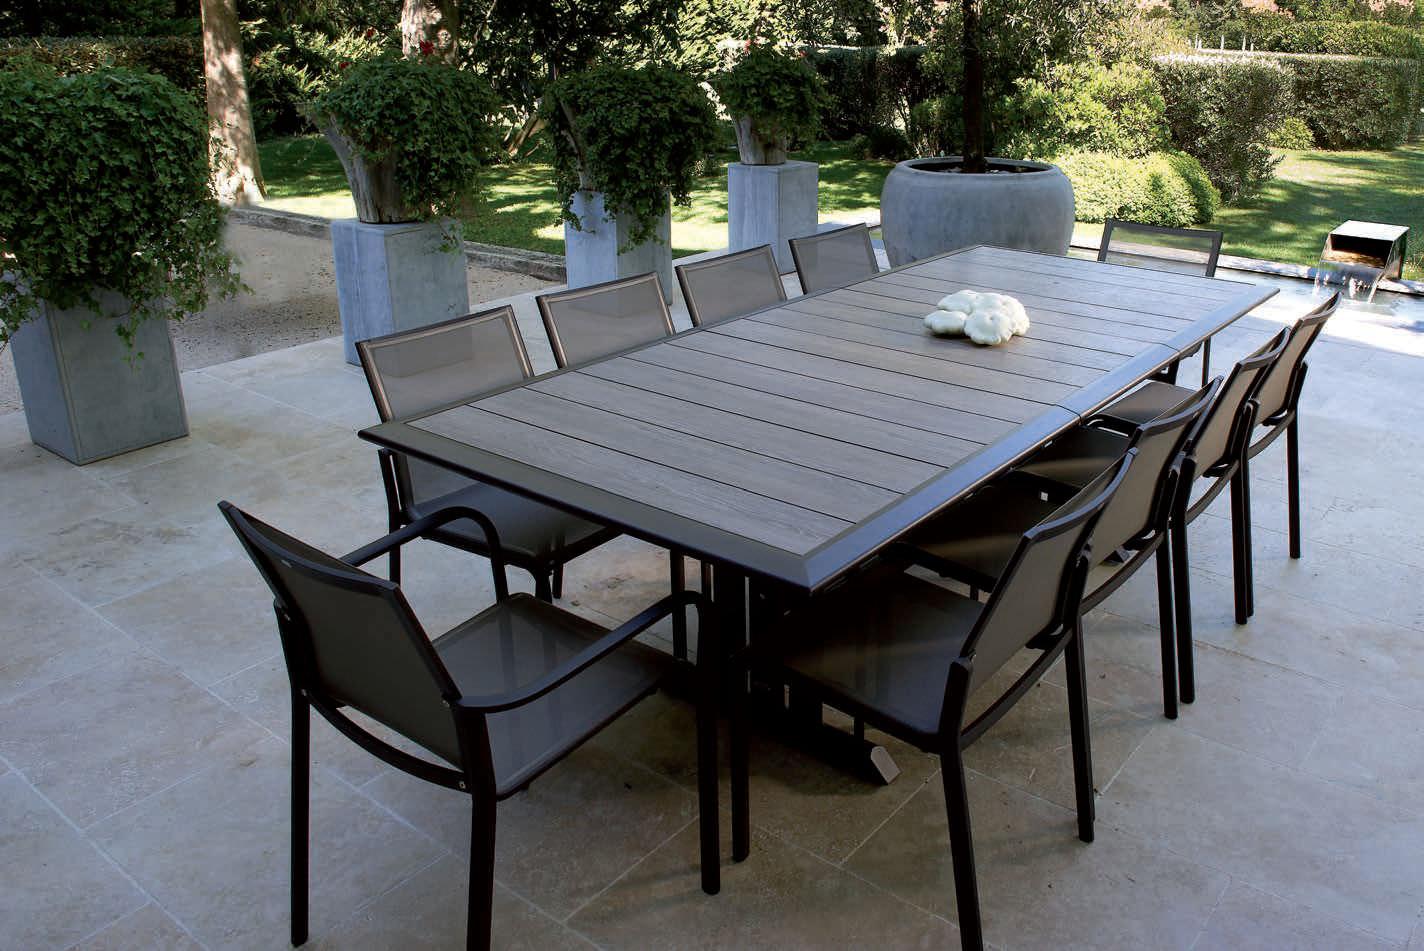 Hegoa By Claude Robin - Table Contemporaine / En Métal / Rectangulaire / De  Jardin By Les Jardins | Archiexpo avec Salon De Jardin Avec Rallonge